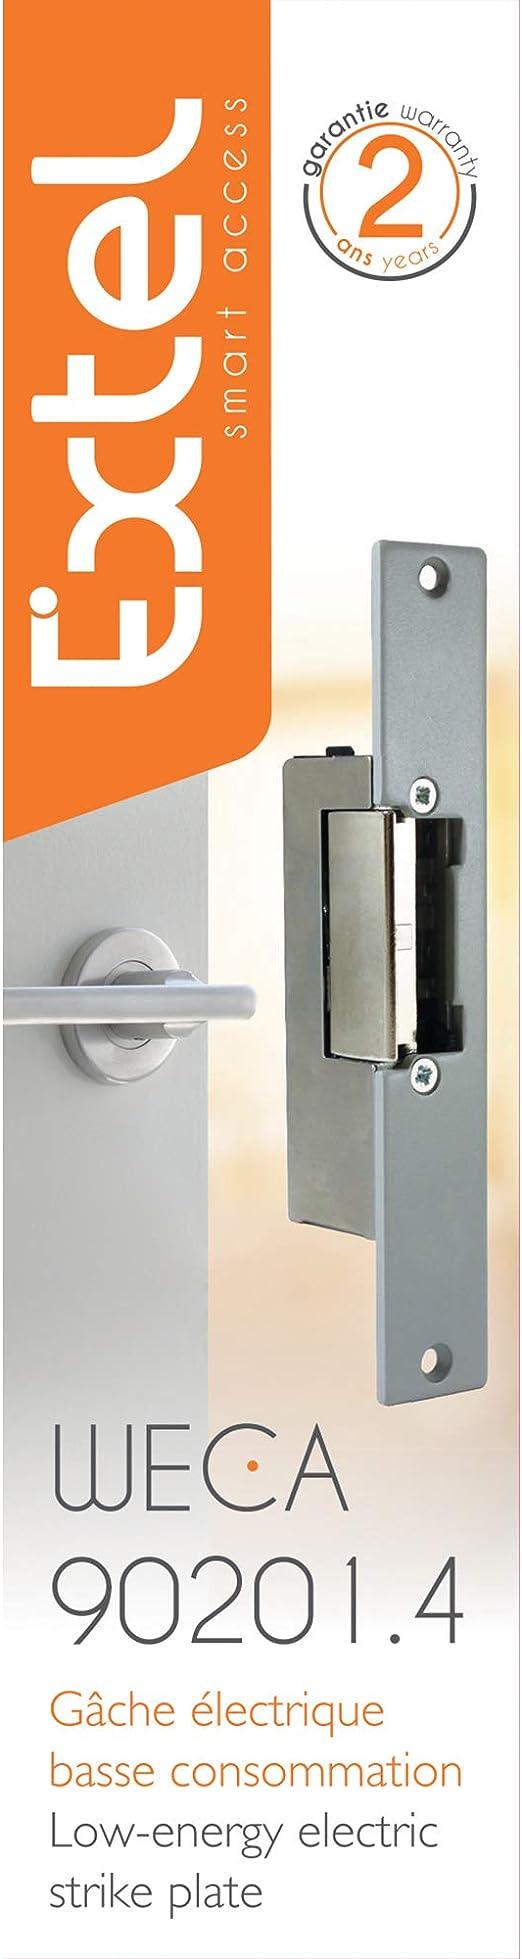 Extel WECA 90201.4 Cerradura eléctrica empotrada de bajo consumo con memoria de pulso: Amazon.es: Bricolaje y herramientas